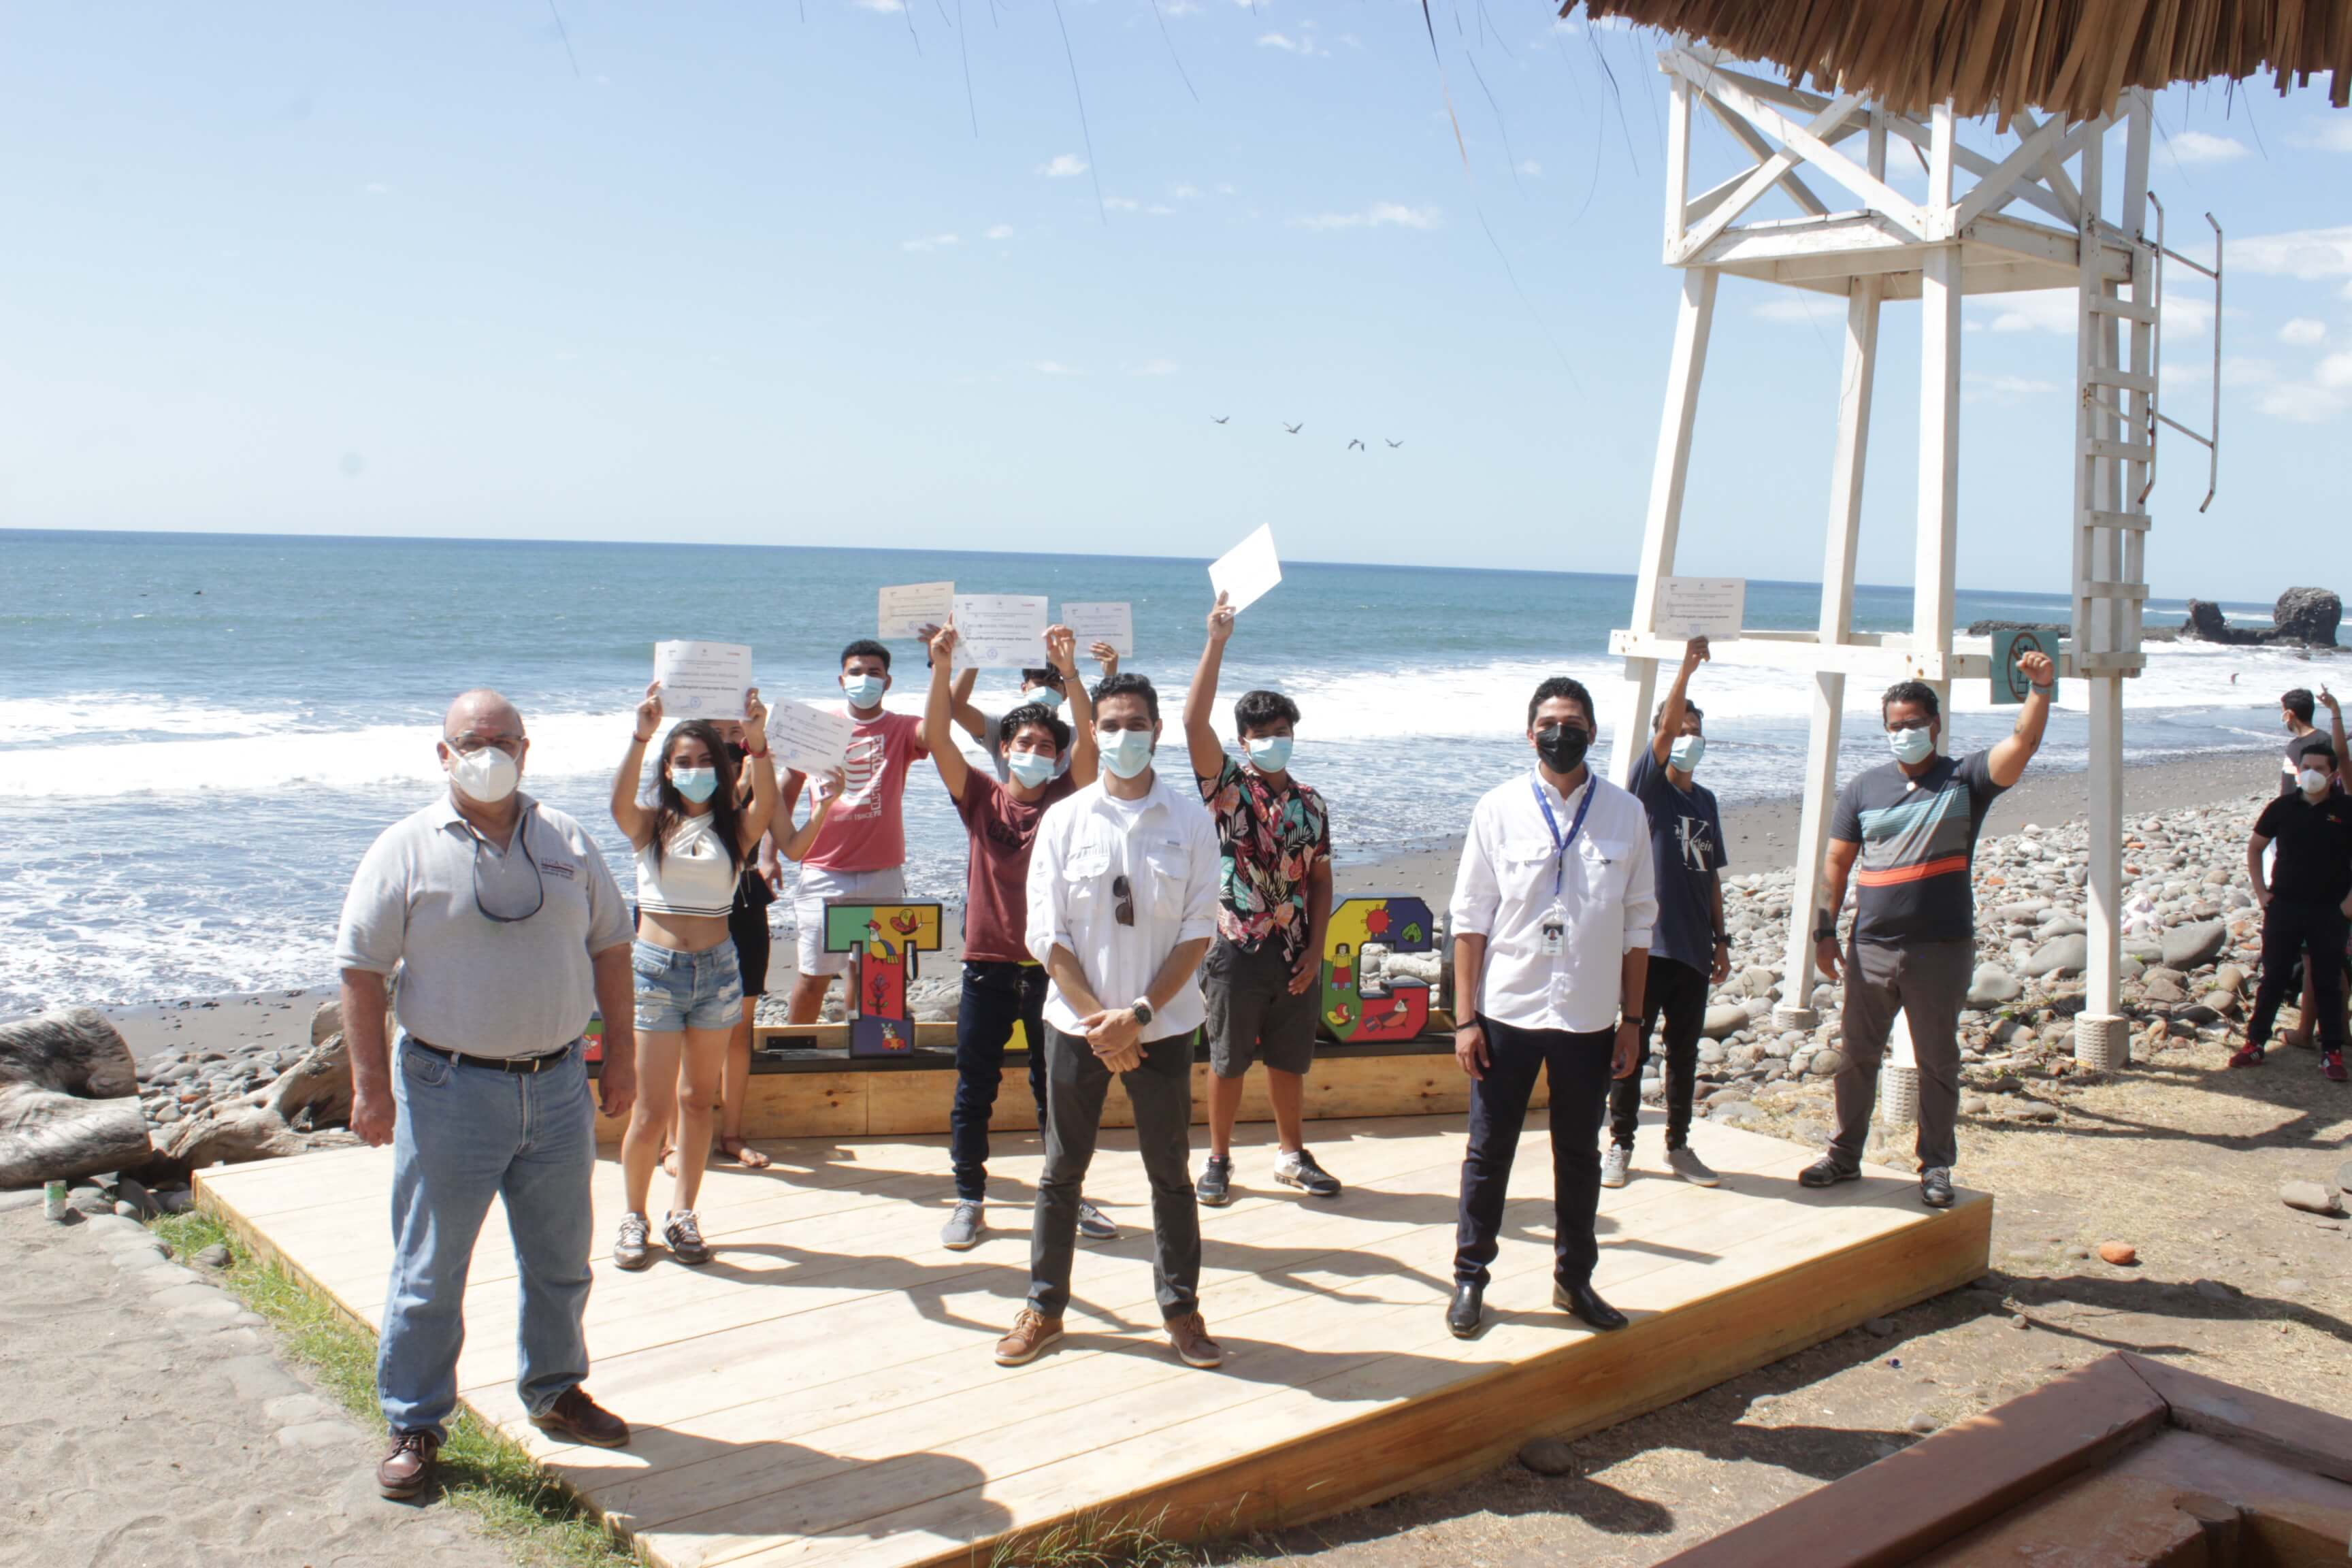 JÓVENES BECADOS EN EL MARCO DE SURF CITY SE GRADÚAN DE ITCA EN EL IDIOMA INGLÉS